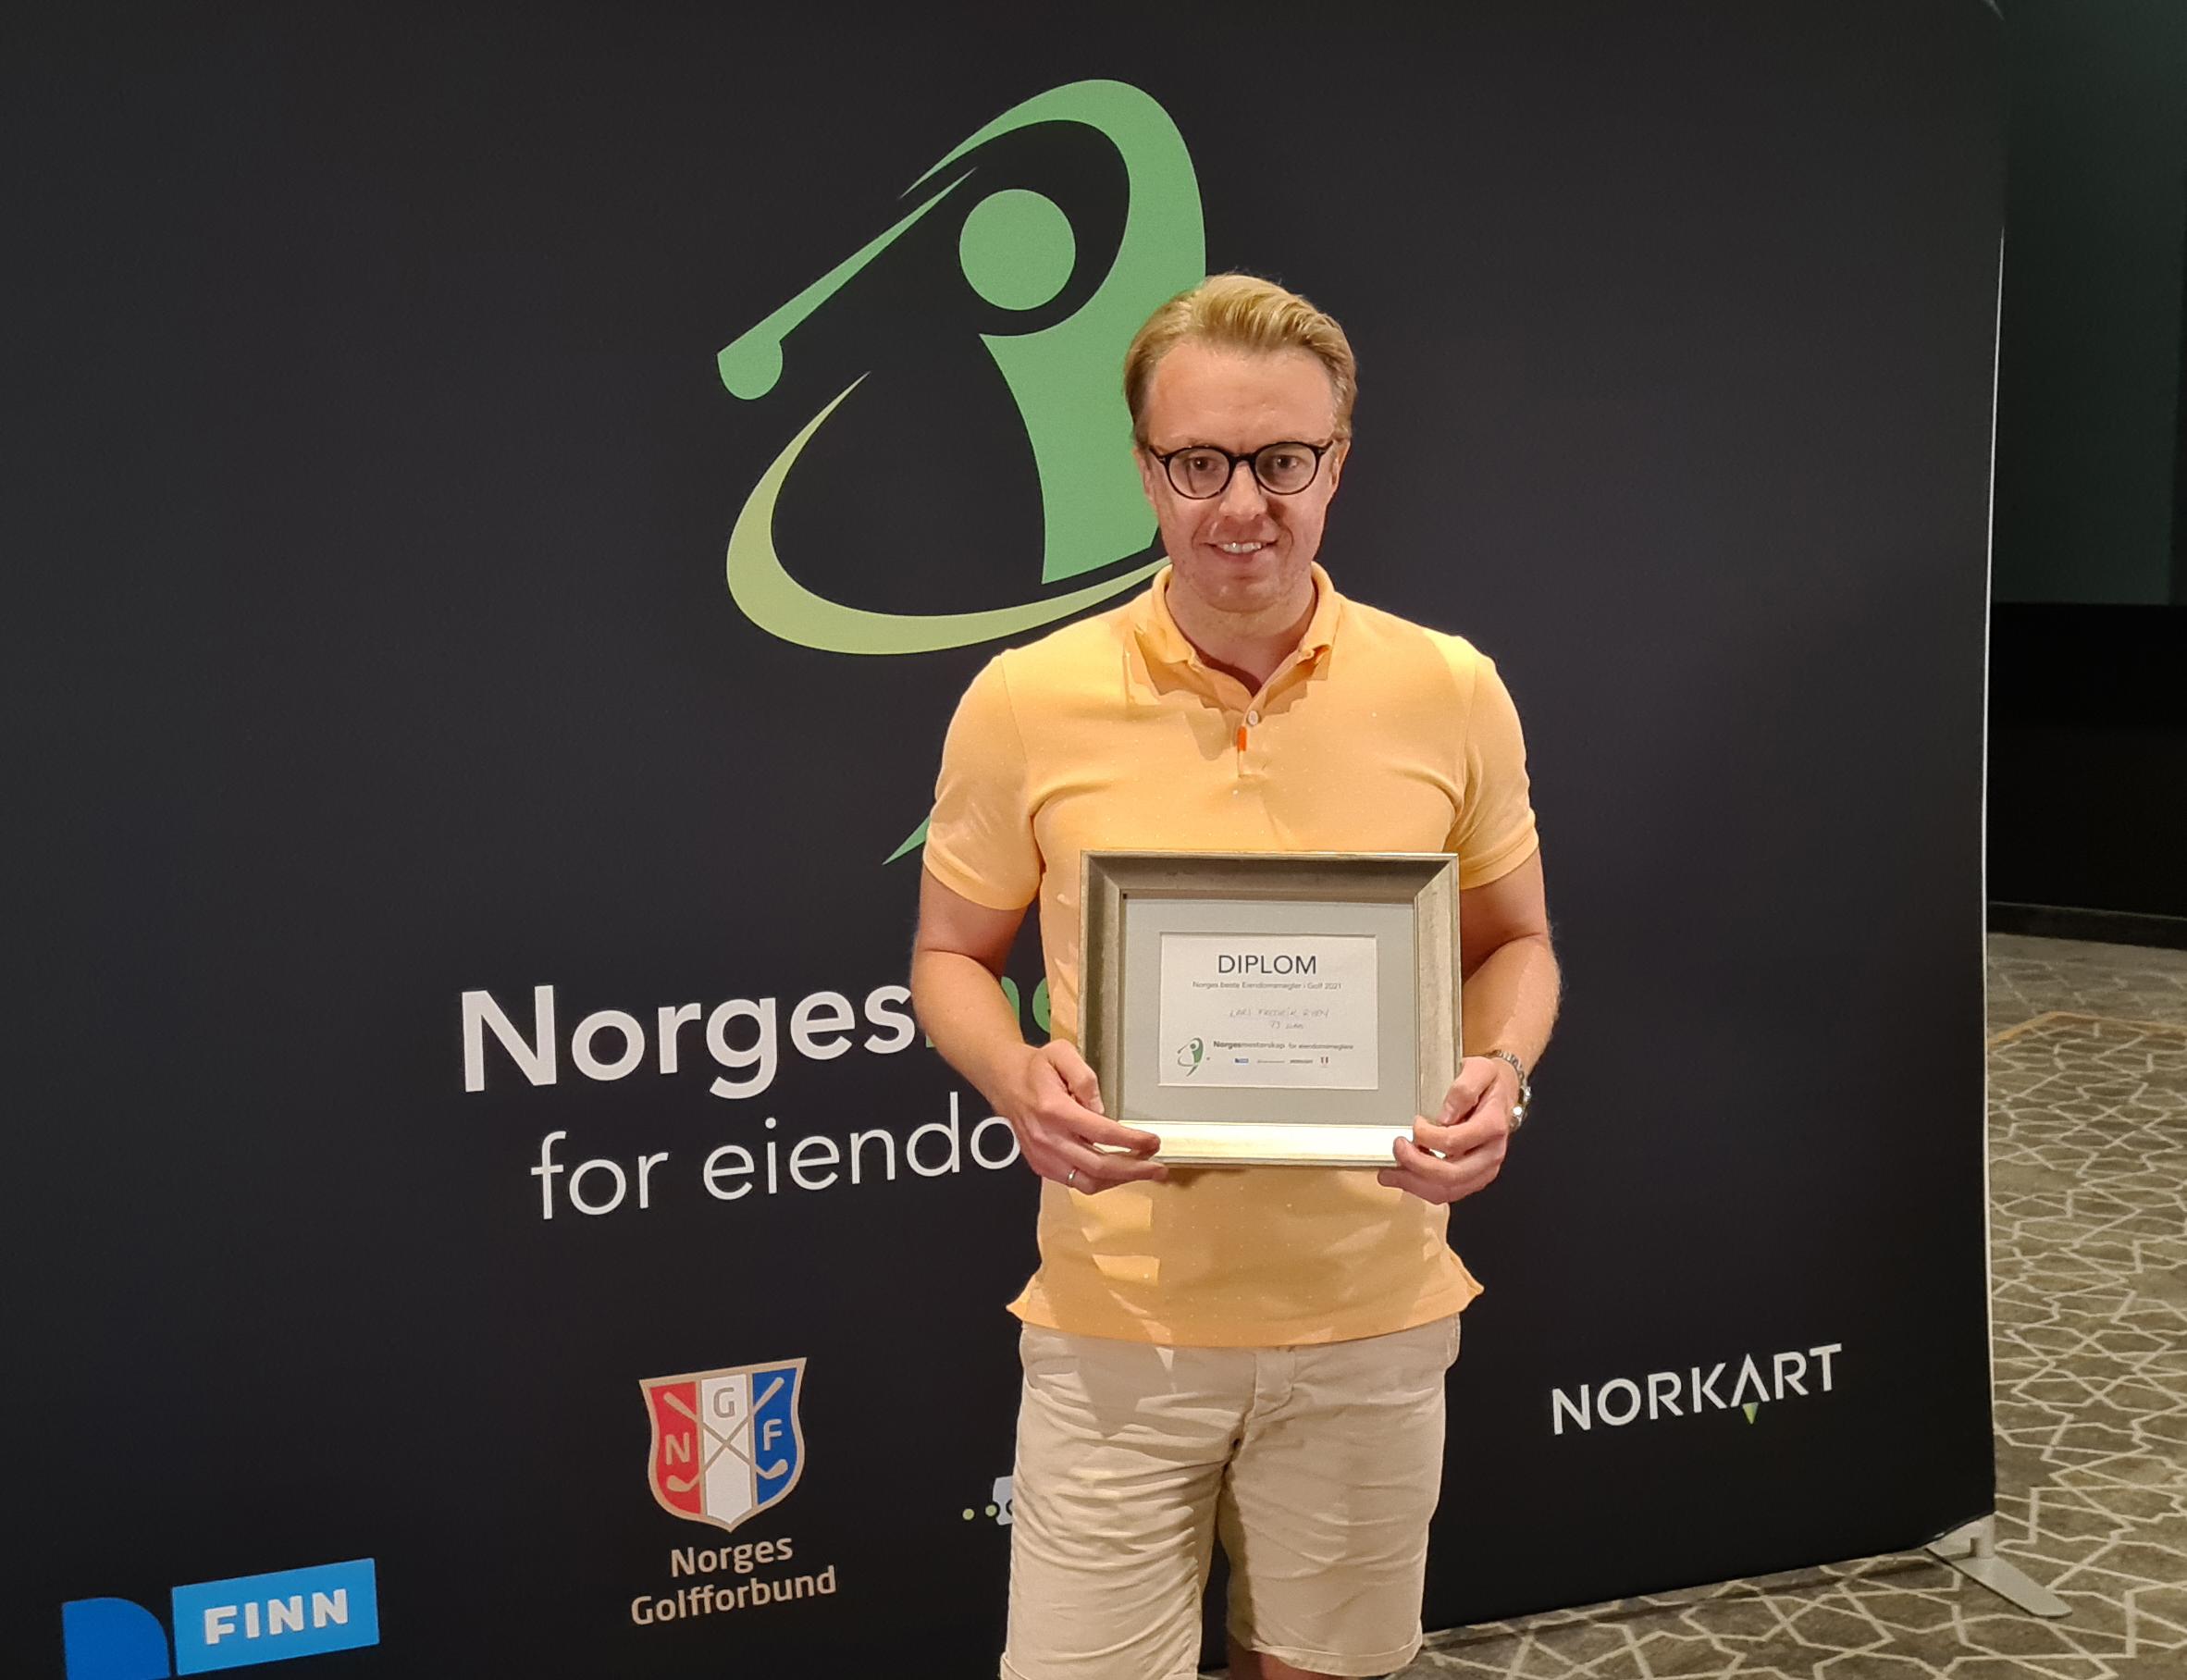 Lars-Fredrik Ryen